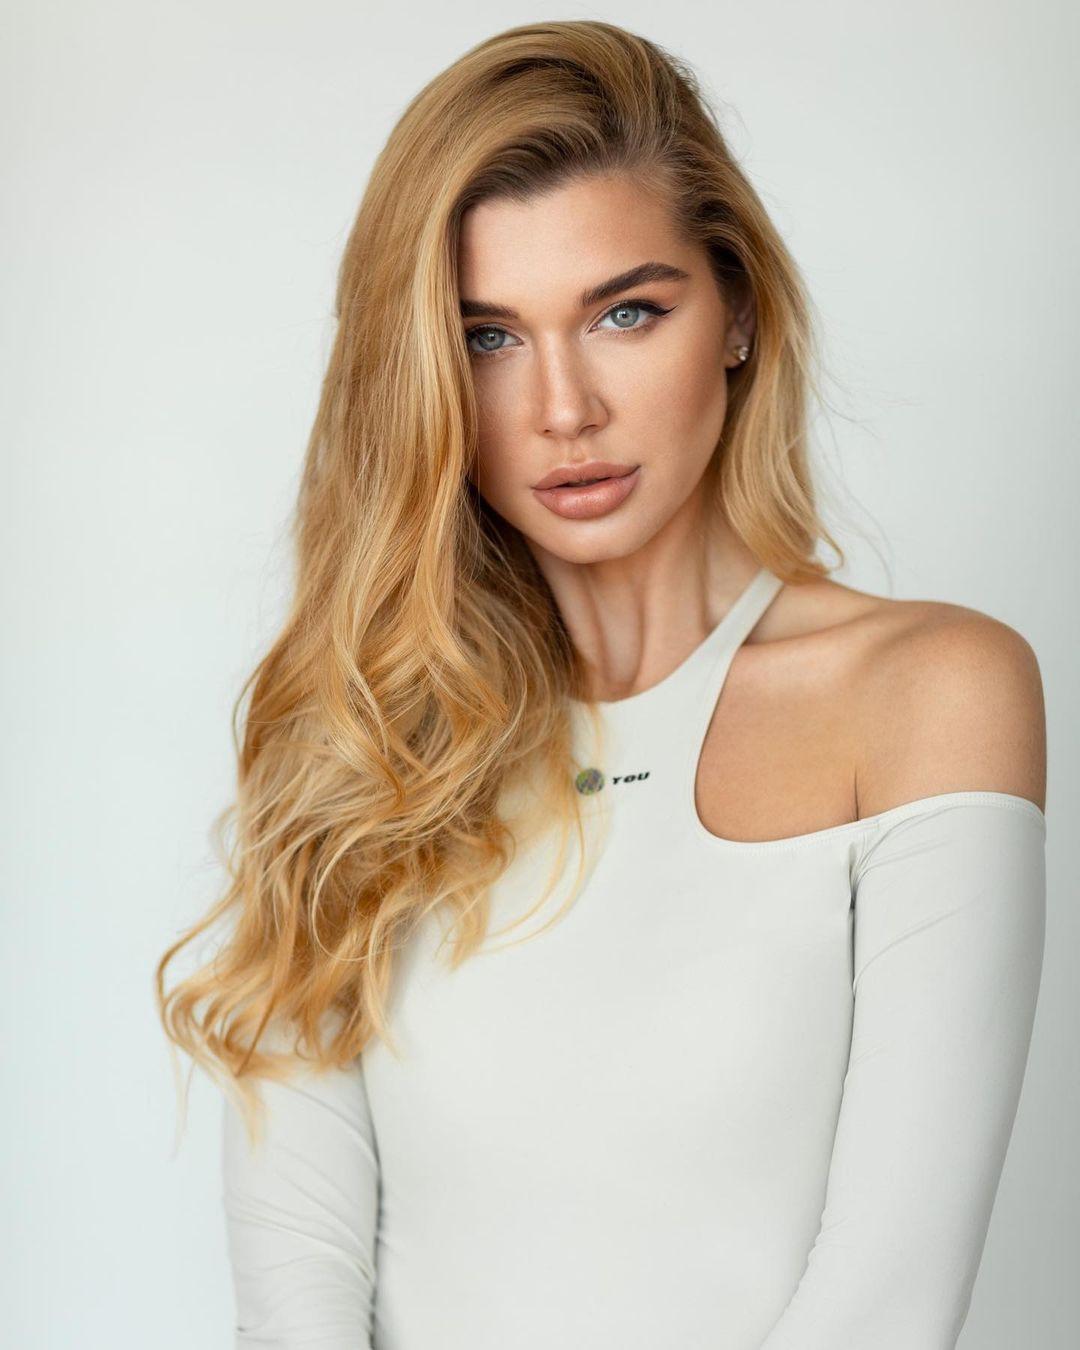 candidatas a miss universe ukraine 2021. final: 15 oct. - Página 2 5f1nfV